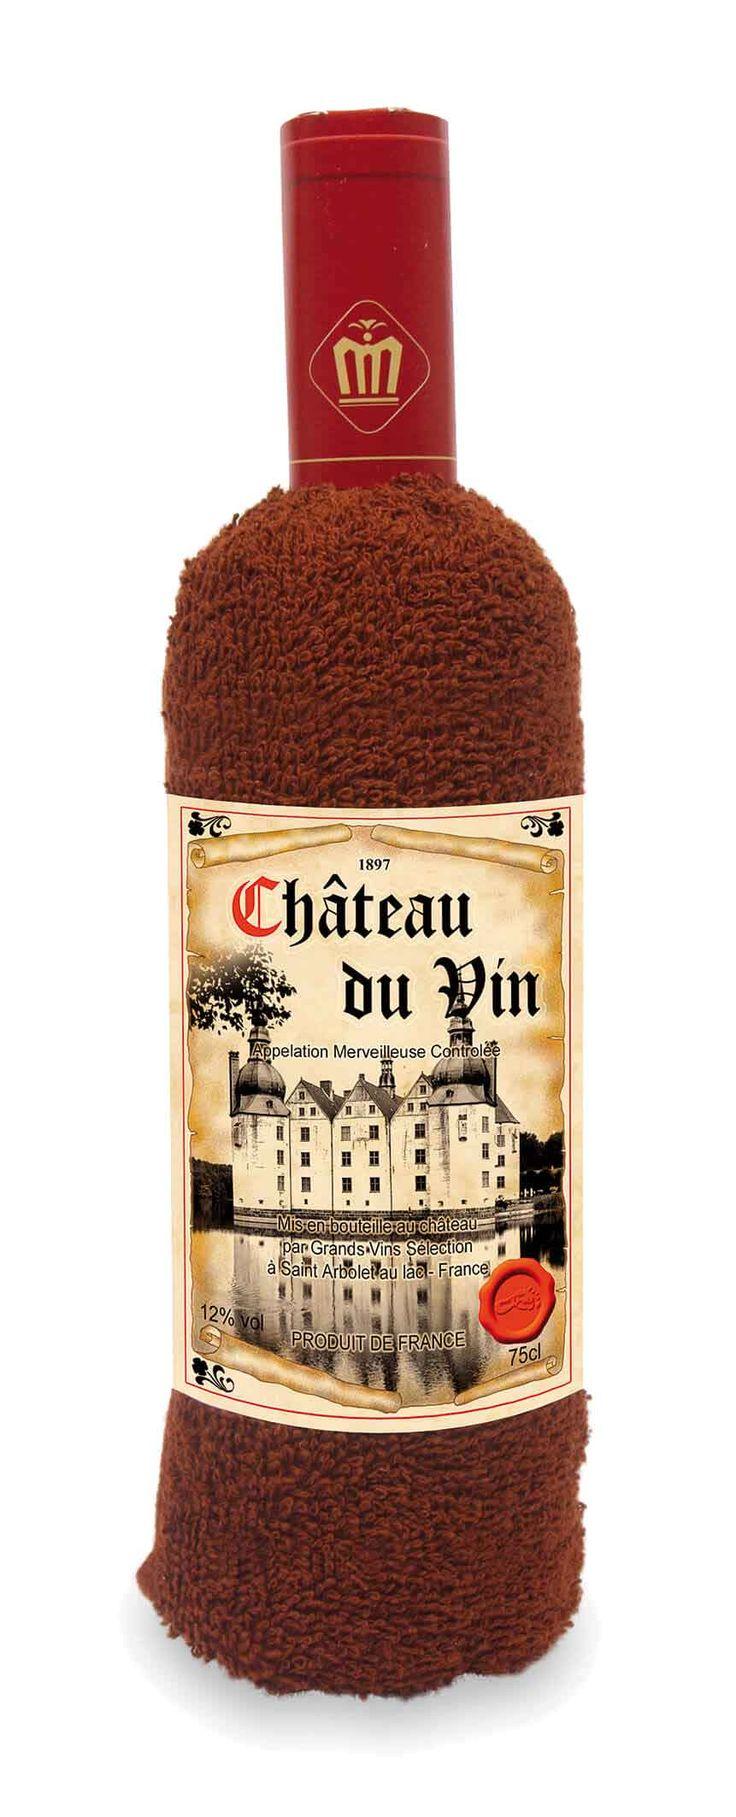 In het design van een edele rode wijn is het bijna jammer om deze zachte handdoek (ca. 75 x 30 cm) in de badkamer te gebruiken! Een leuk cadeau-idee in kartonnen doos met houtdesign en lint van natuurvezel.